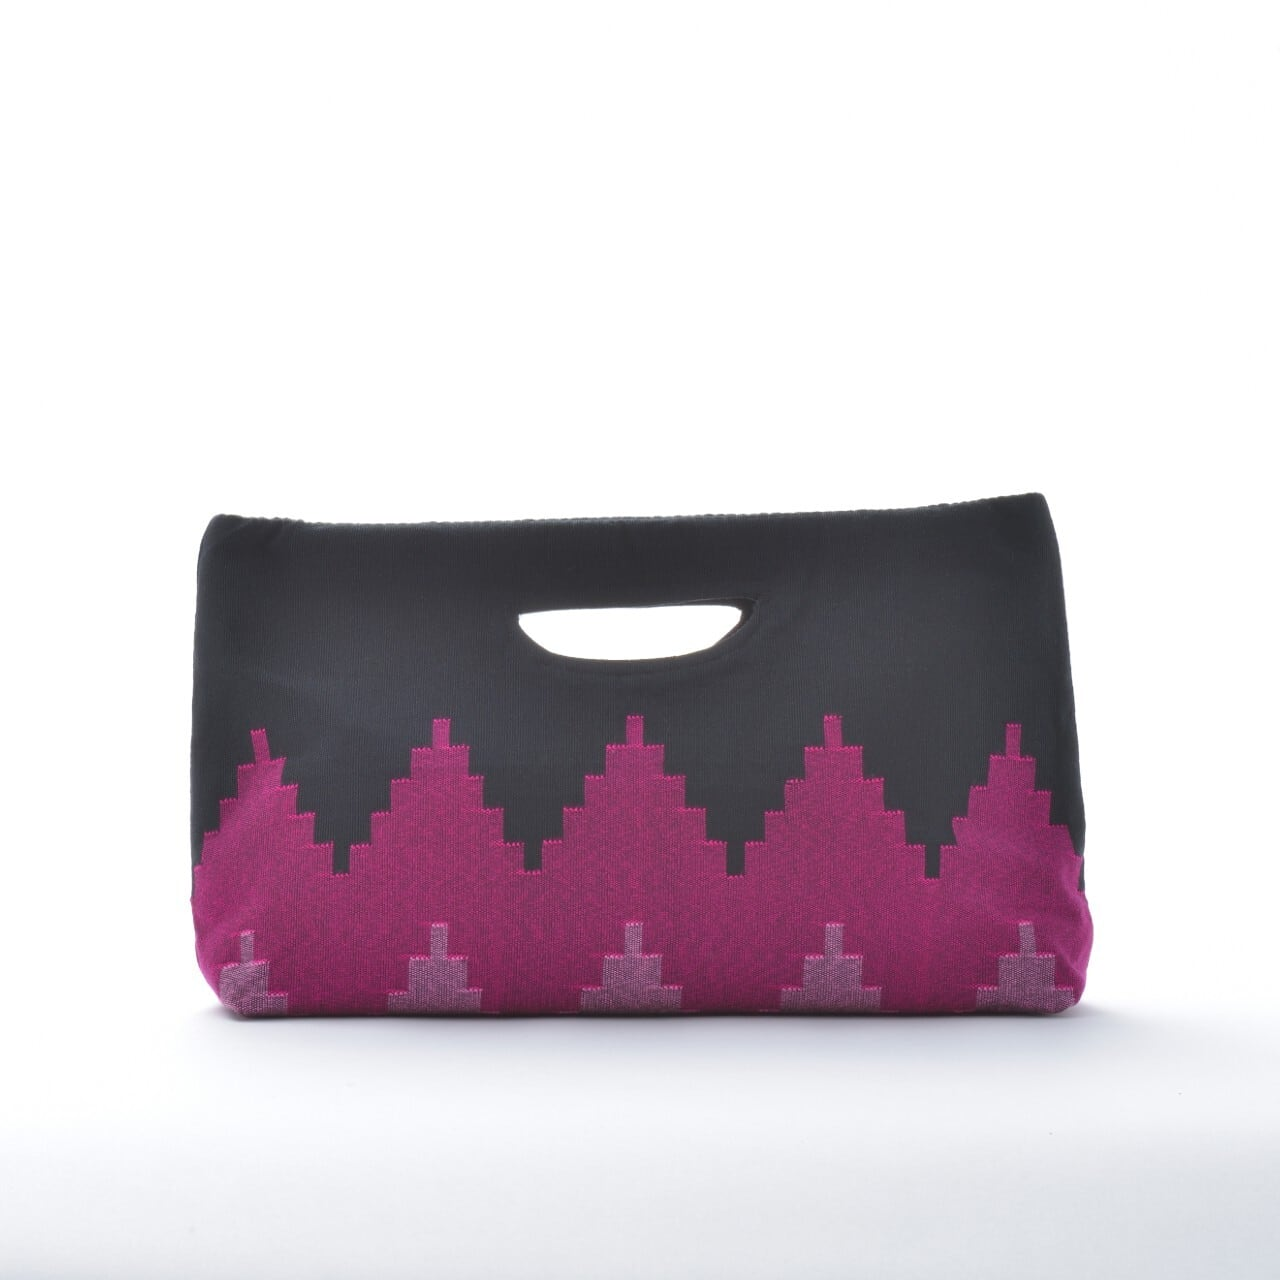 手織りペンシルバッグ ブラック×パープル